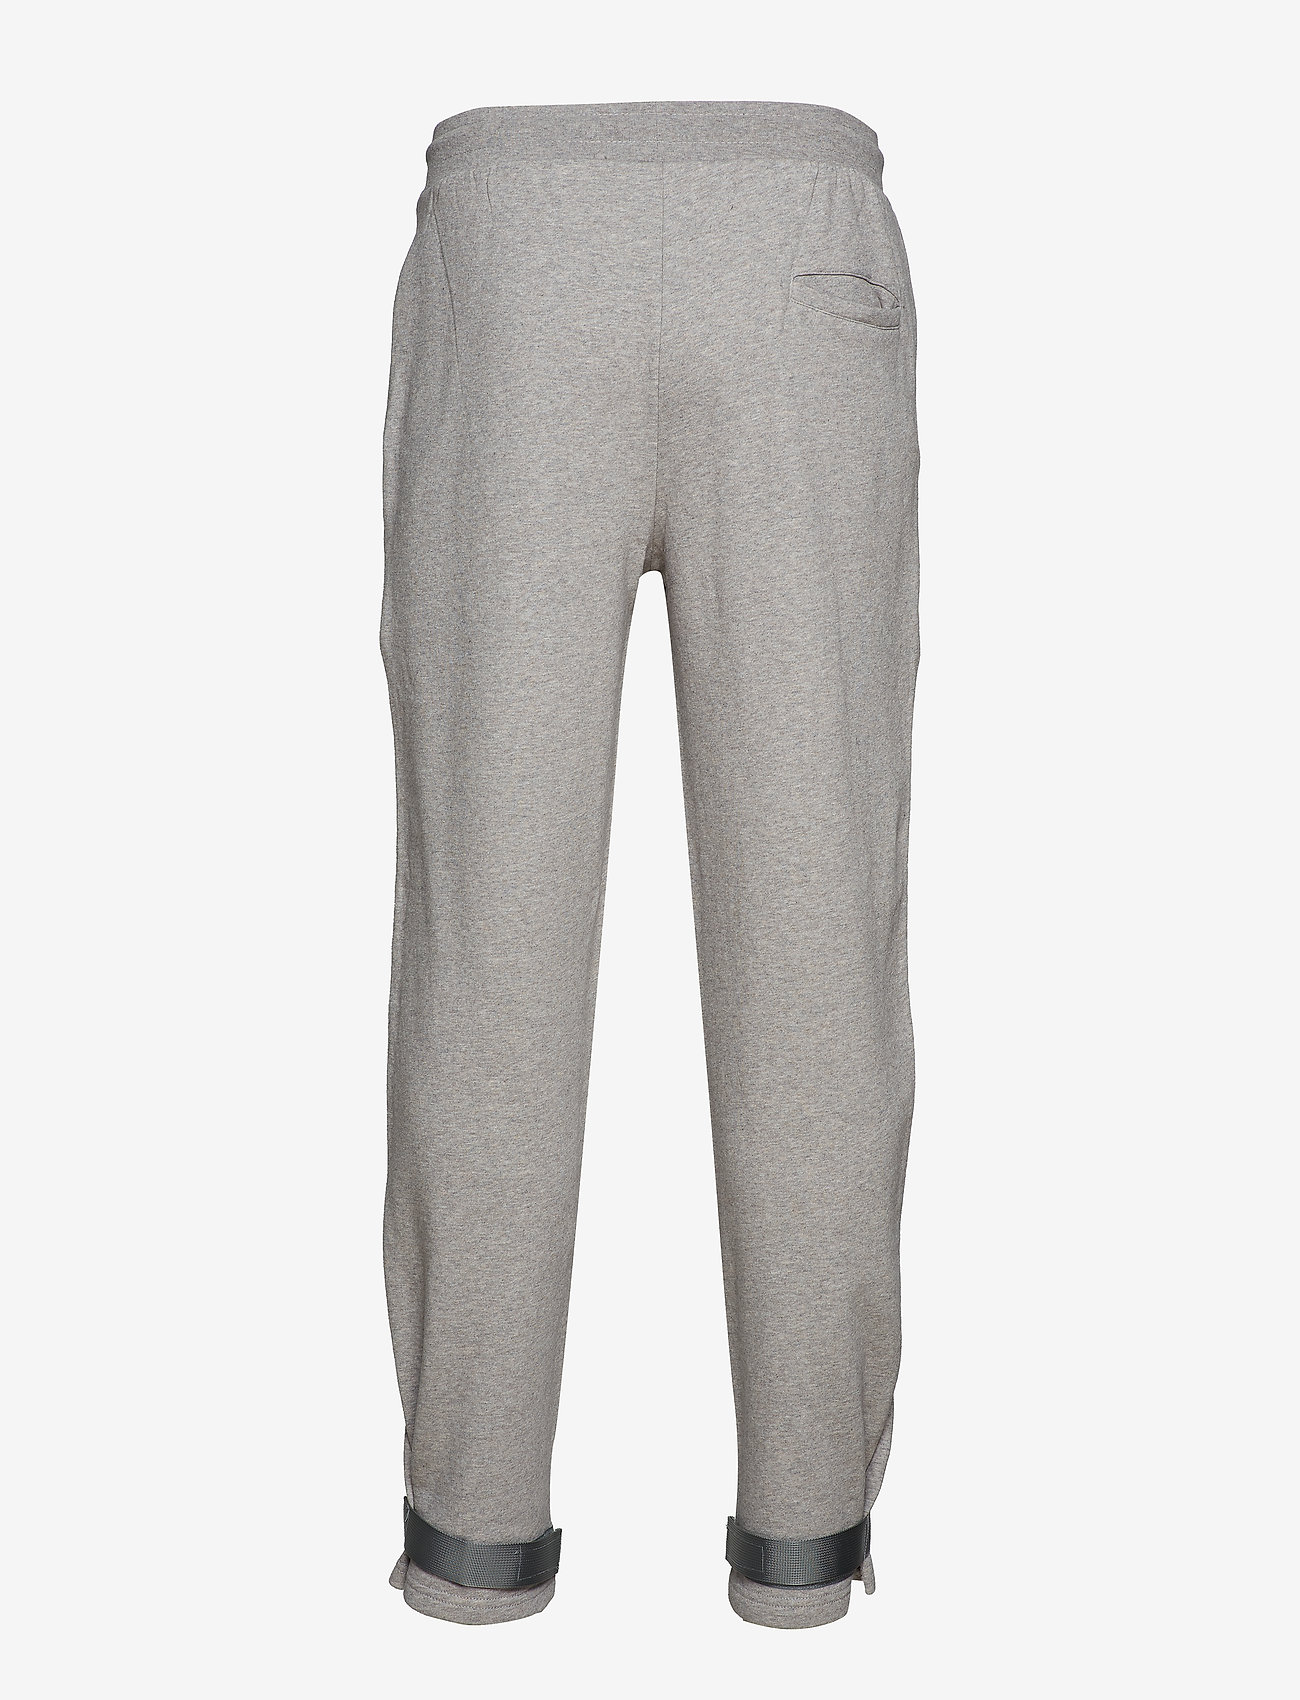 HAN Kjøbenhavn - Sweat Pants - kleding - grey logo - 3